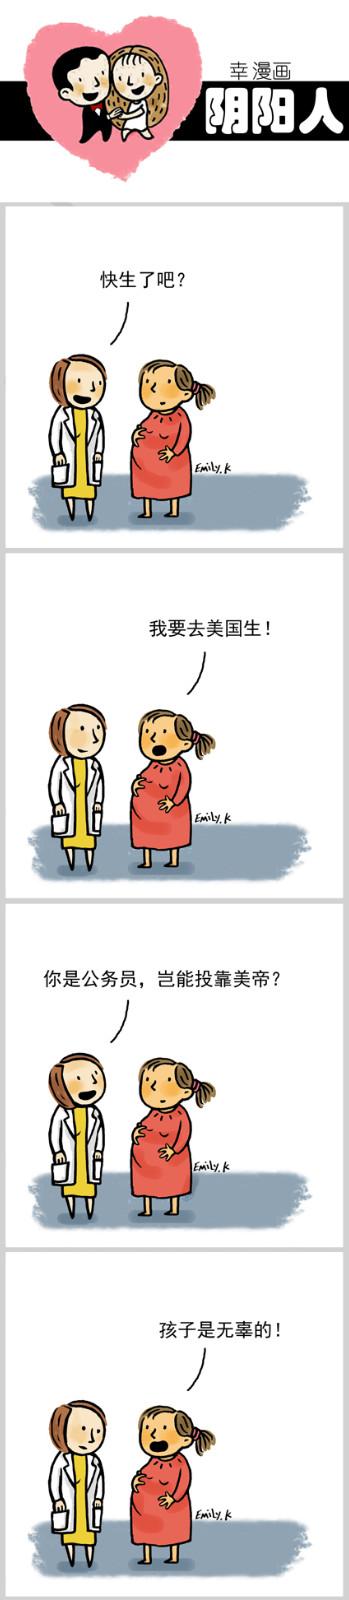 【邝幸漫畫】《阴阳人》答非所问_图1-1